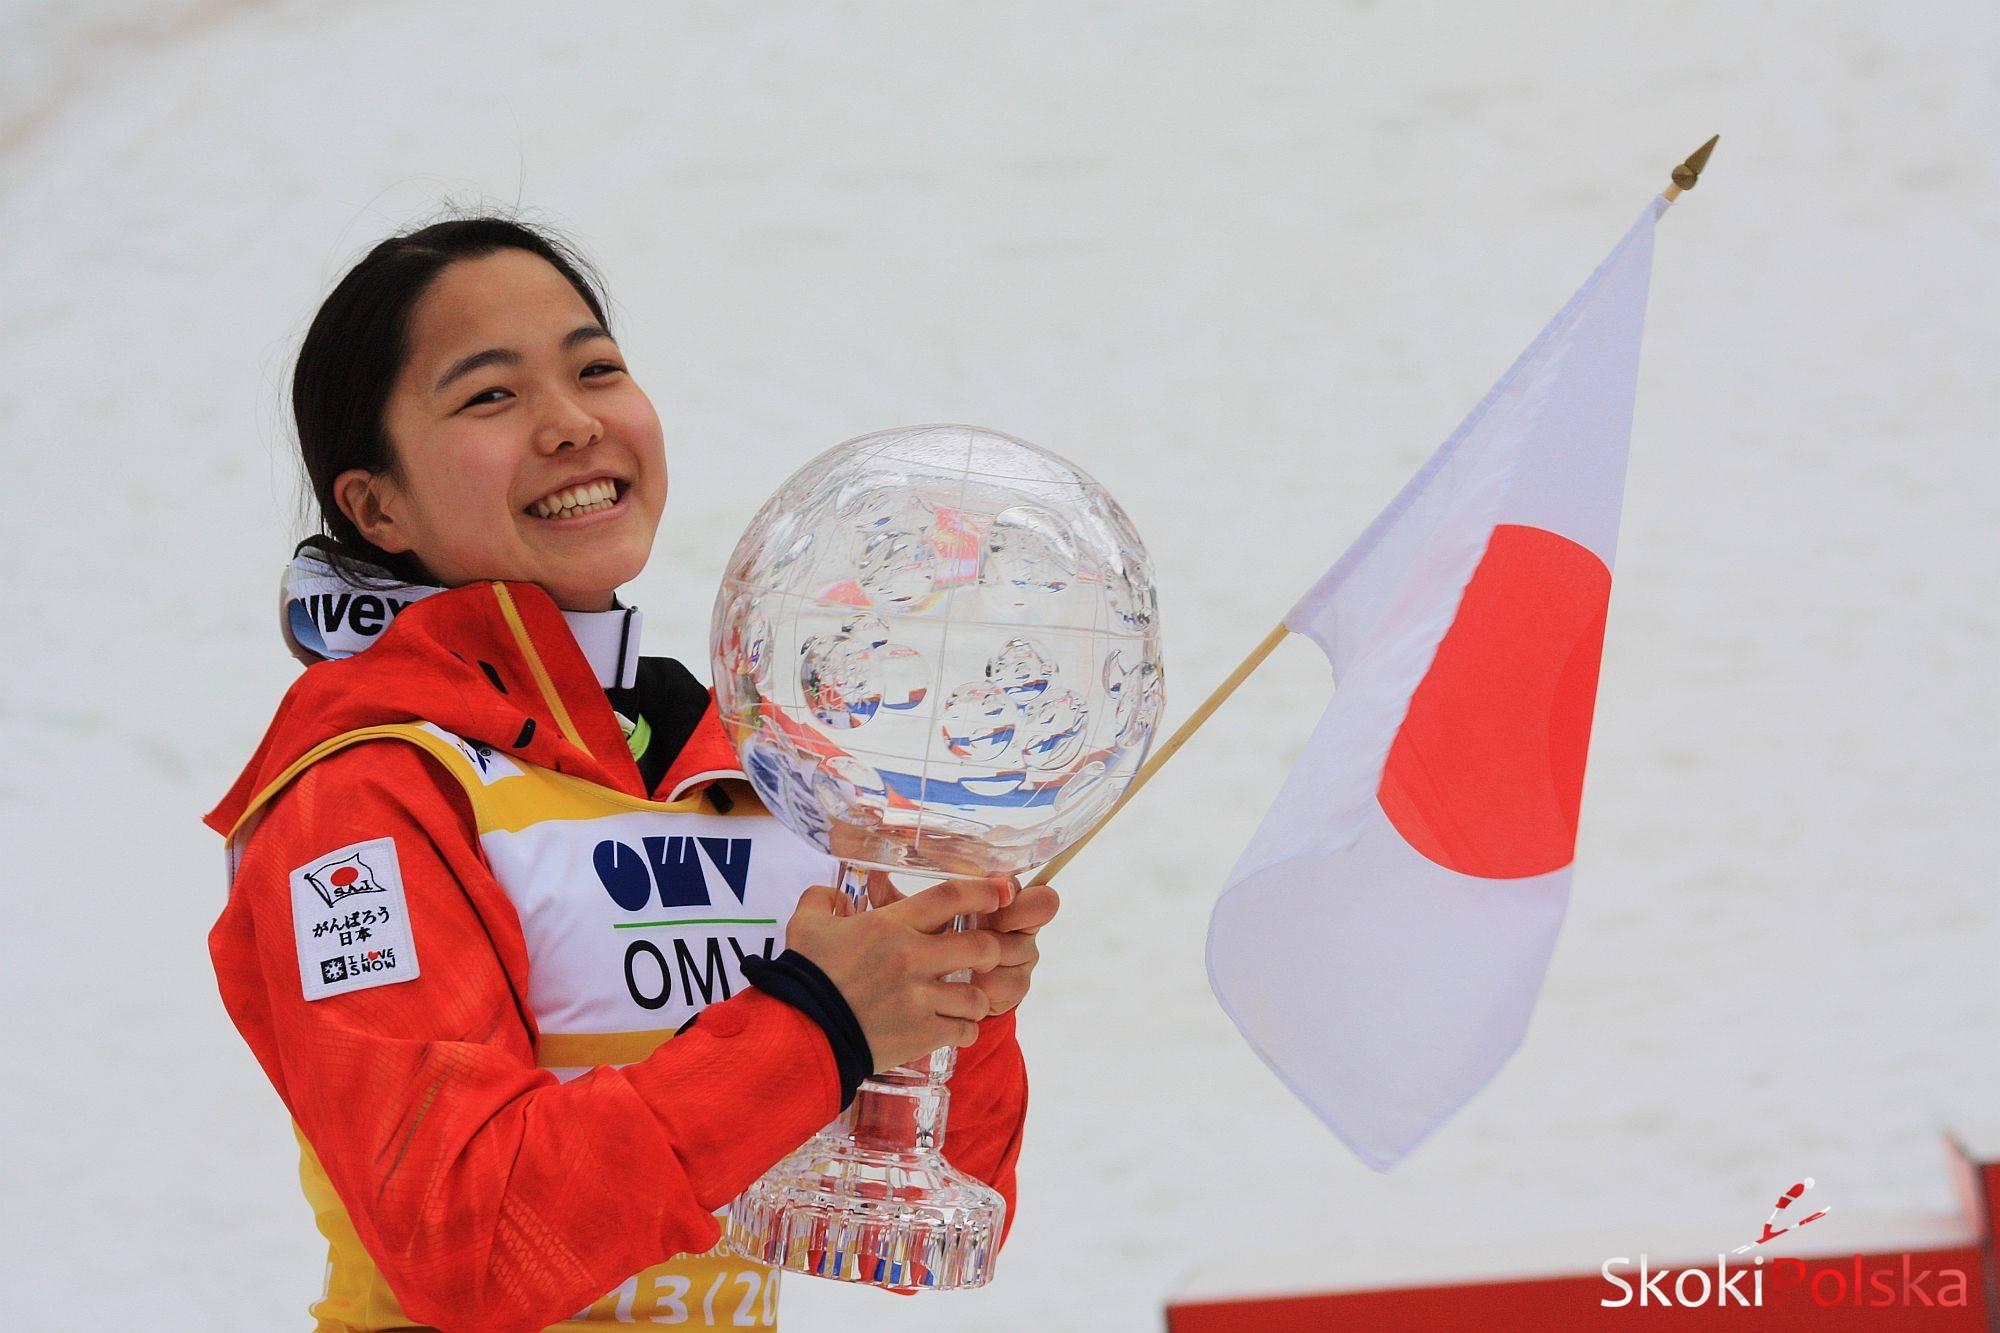 PŚ Lillehammer: 41 skoczkiń w konkursie, czy Takanashi znajdzie pogromczynię? (LIVE)